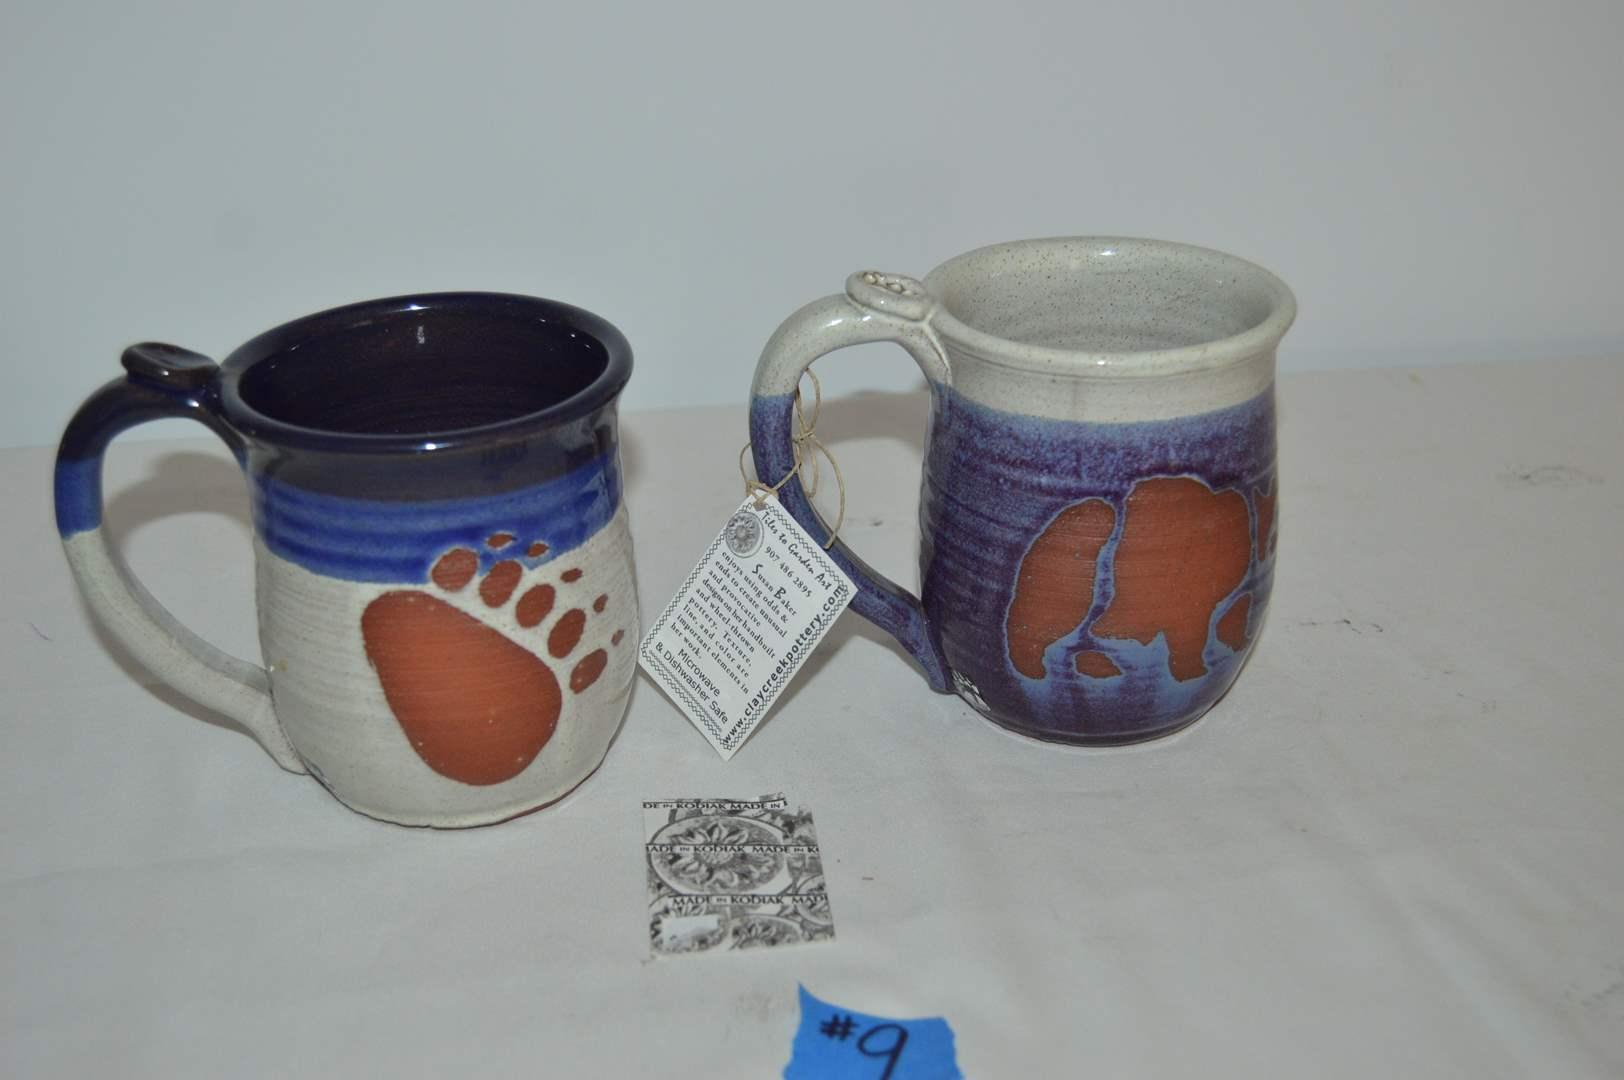 Lot # 9 Pair of Kodiak clay creek pottery mugs by Susan Baker (main image)